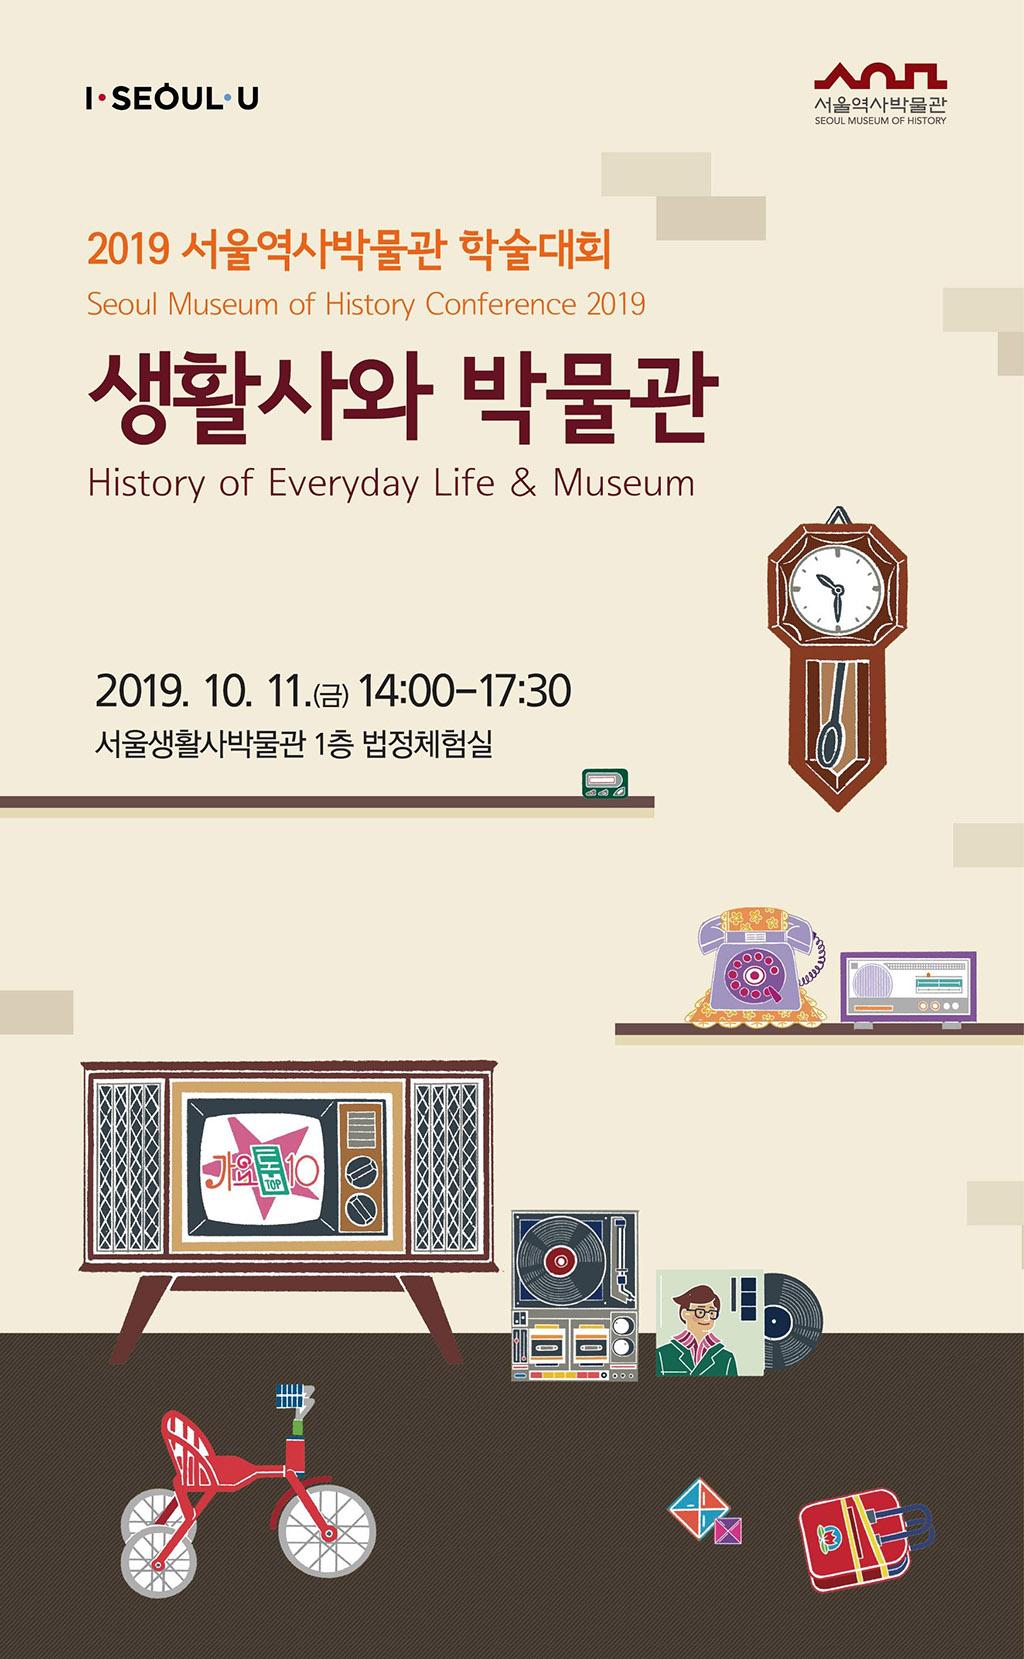 서울역사박물관,'생활사와 박물관'주제 학술대회 개최